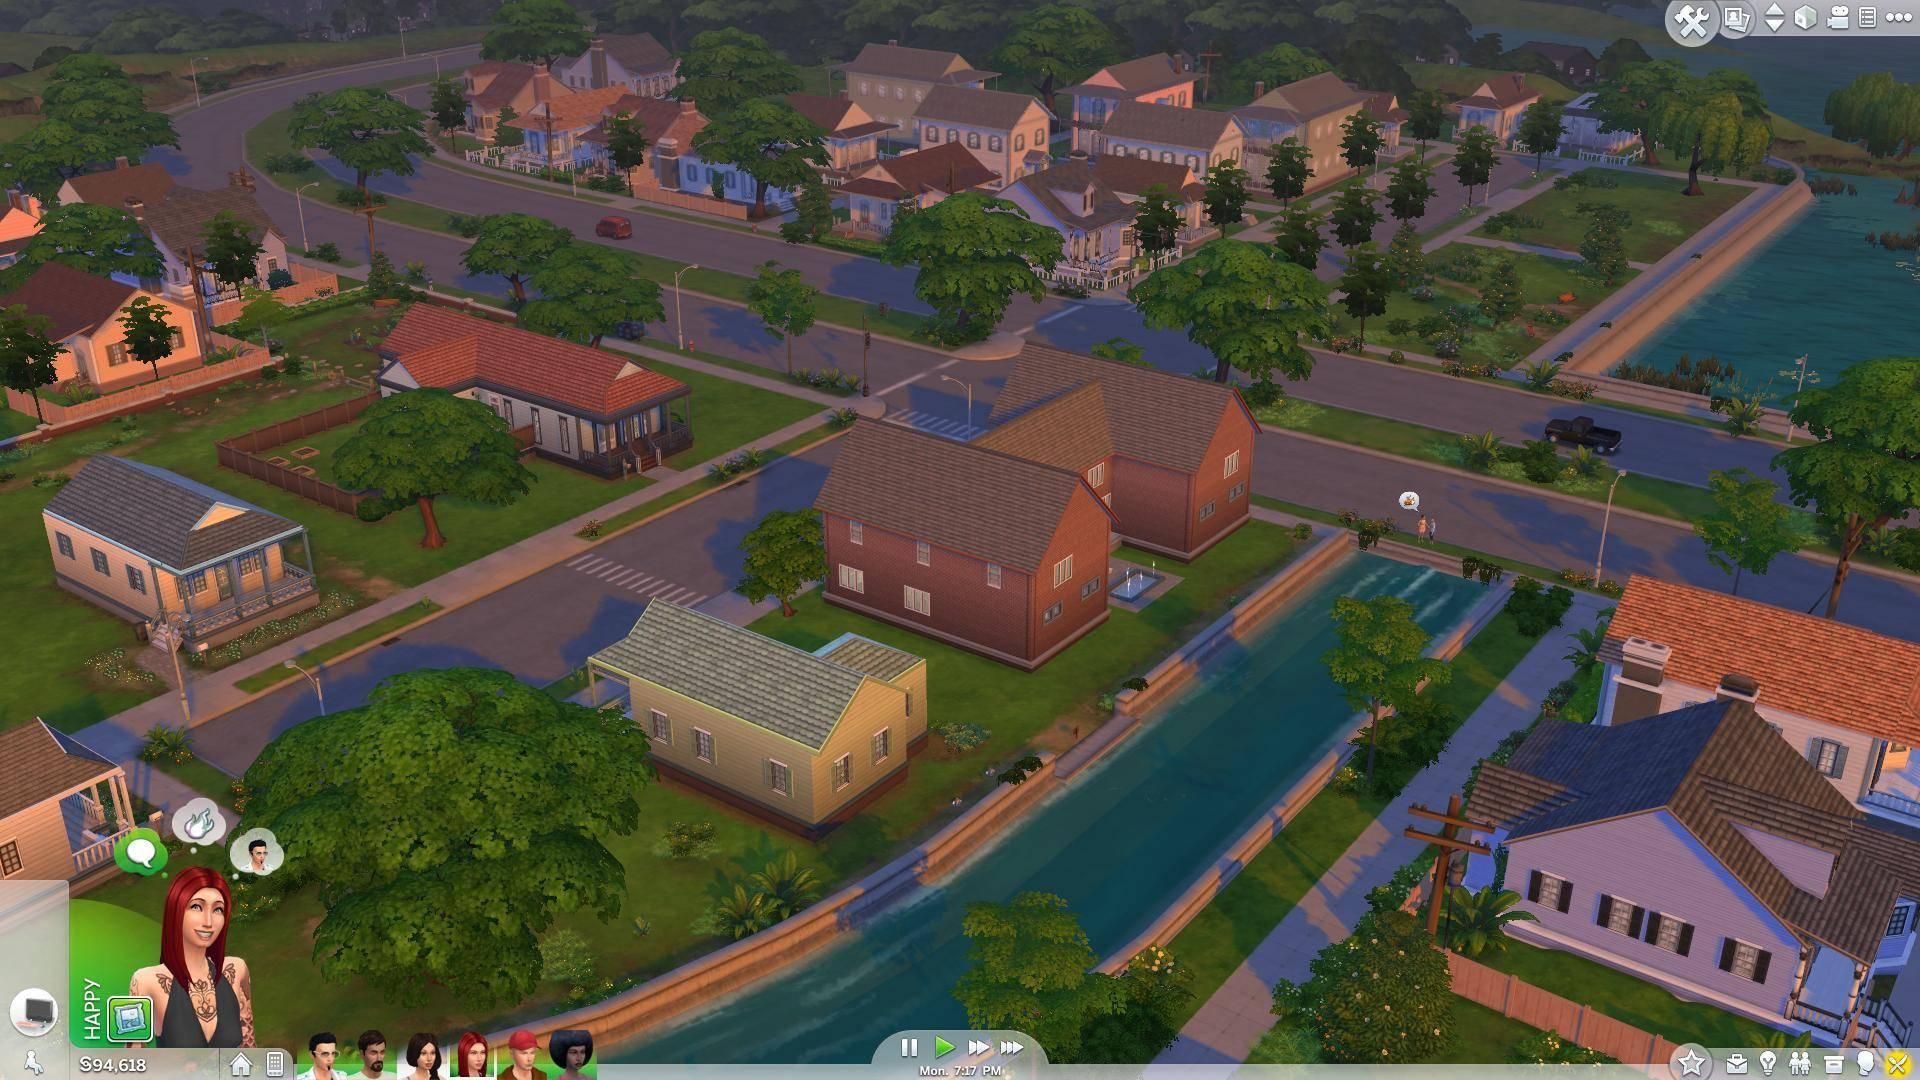 Sims 3 seasons online hookup guide